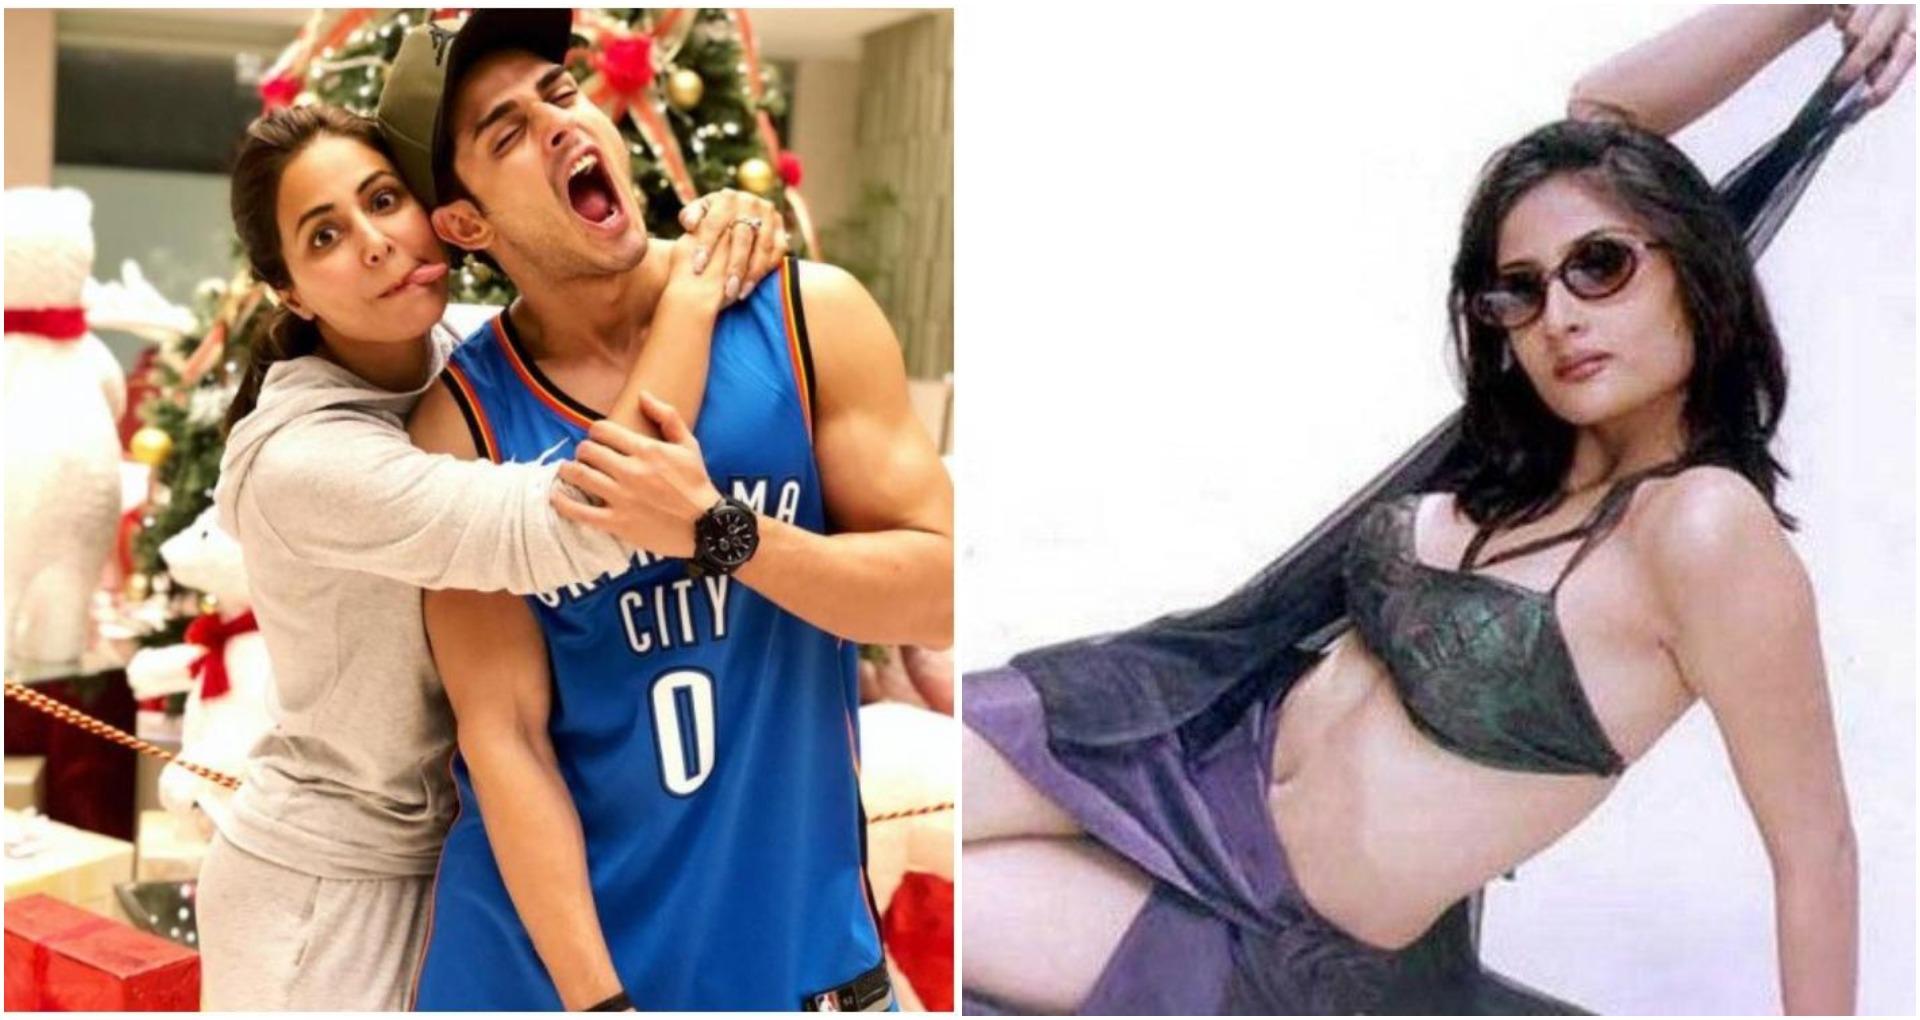 TV TOP 5 NEWS: हिना खान और प्रियांक शर्मा की बिग बॉस 13 में एंट्री, उर्वशी ढोलकिया का सेक्सी लुक वायरल